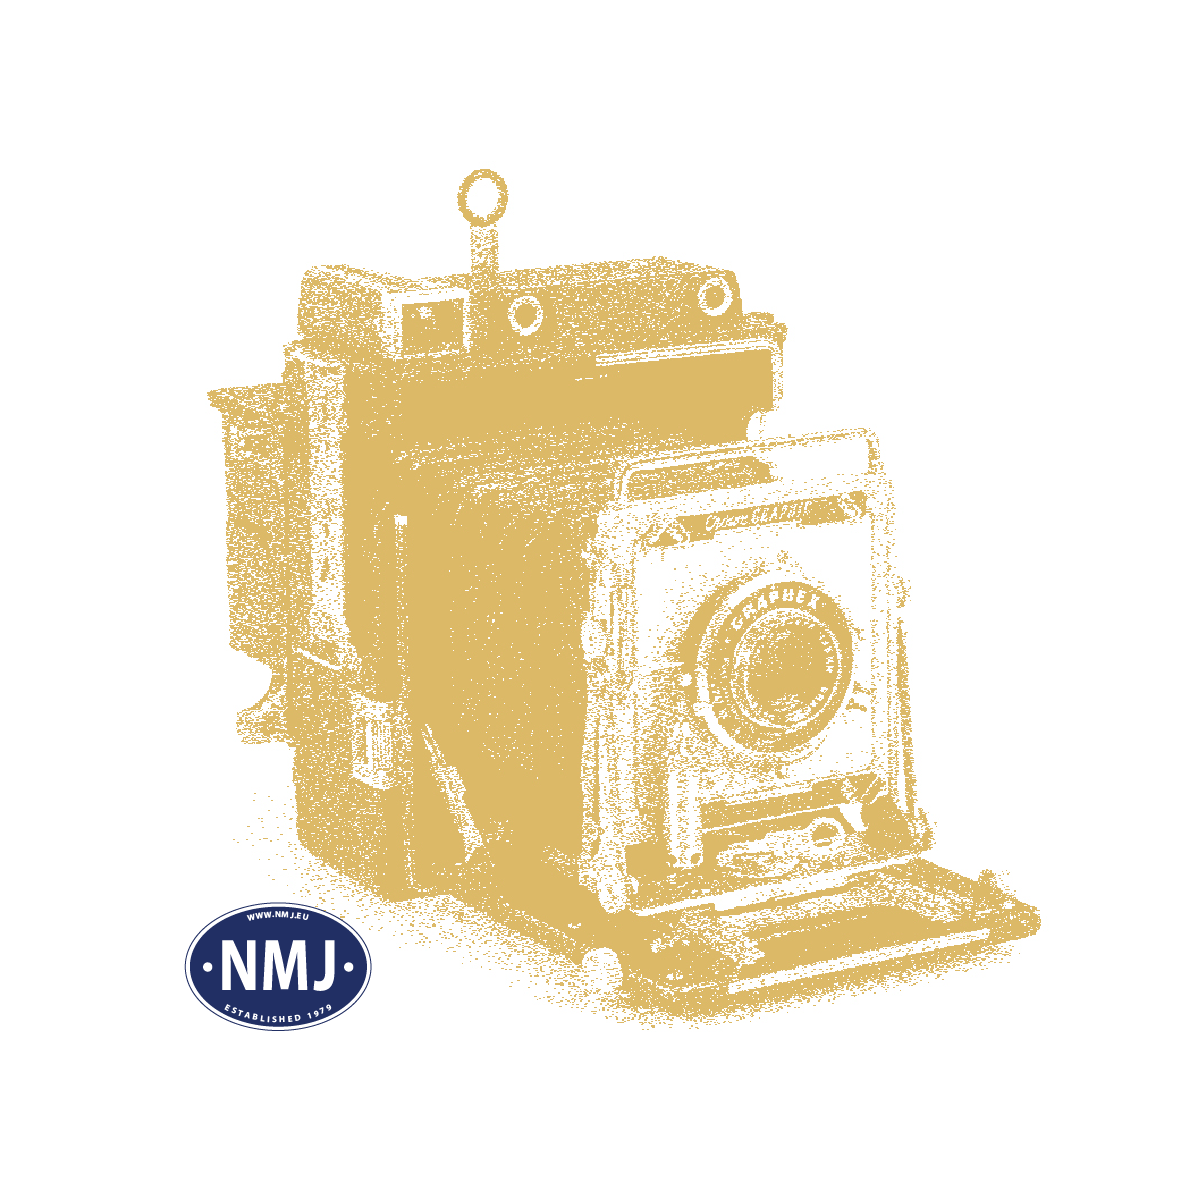 VIE2620 - Robel Bullok, DCC m/ Lyd, Kondensator og Bevegelig Kran